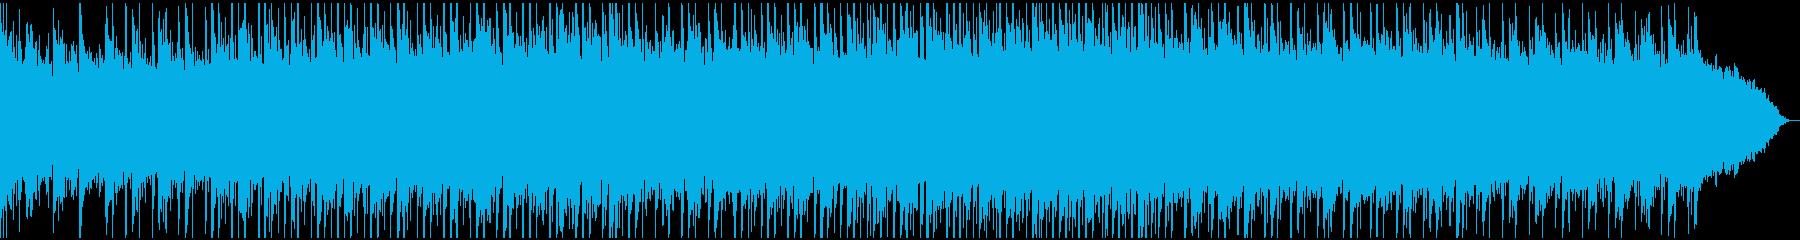 企業VP11,コーポレート,ゆっくりの再生済みの波形